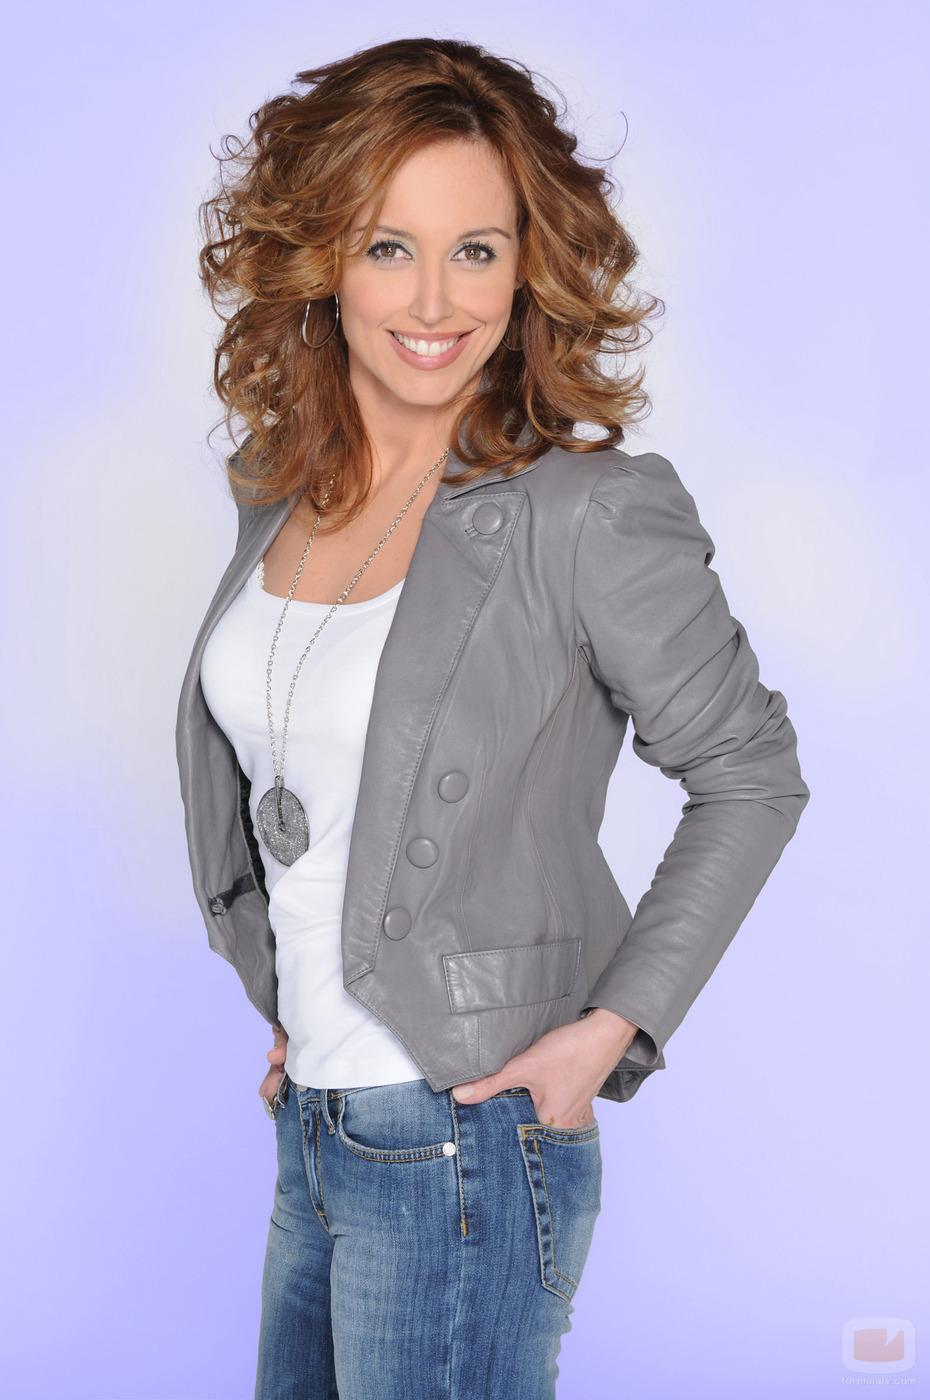 Pilar navidad 2012 - 5 1